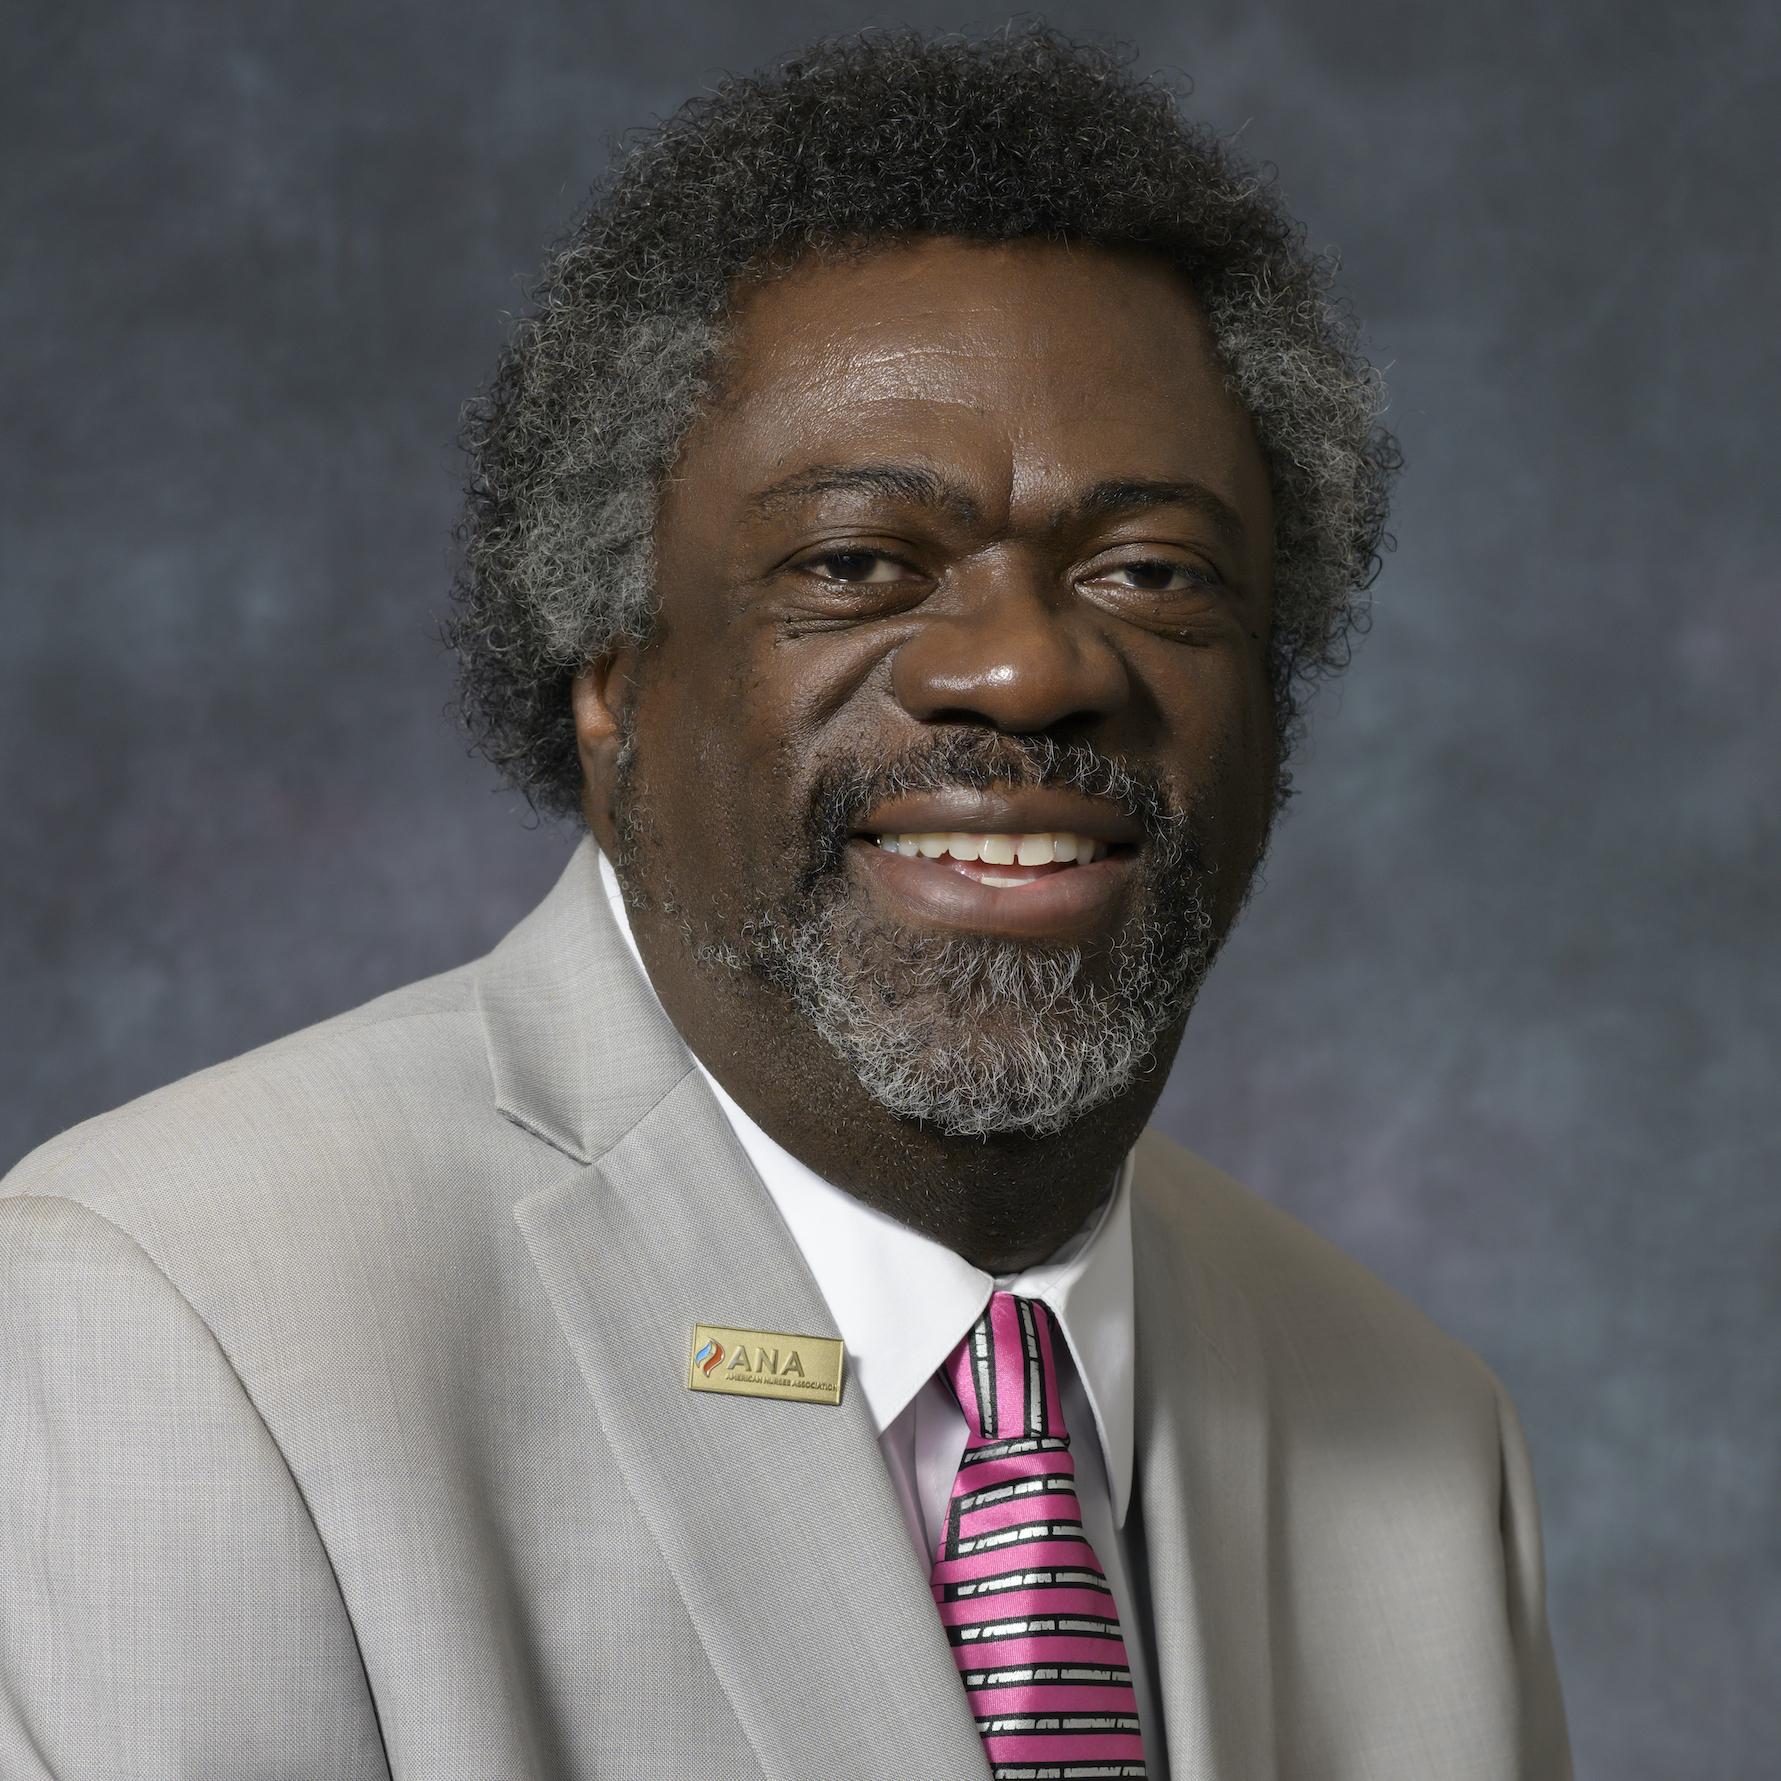 Dr. Ernest J. Grant